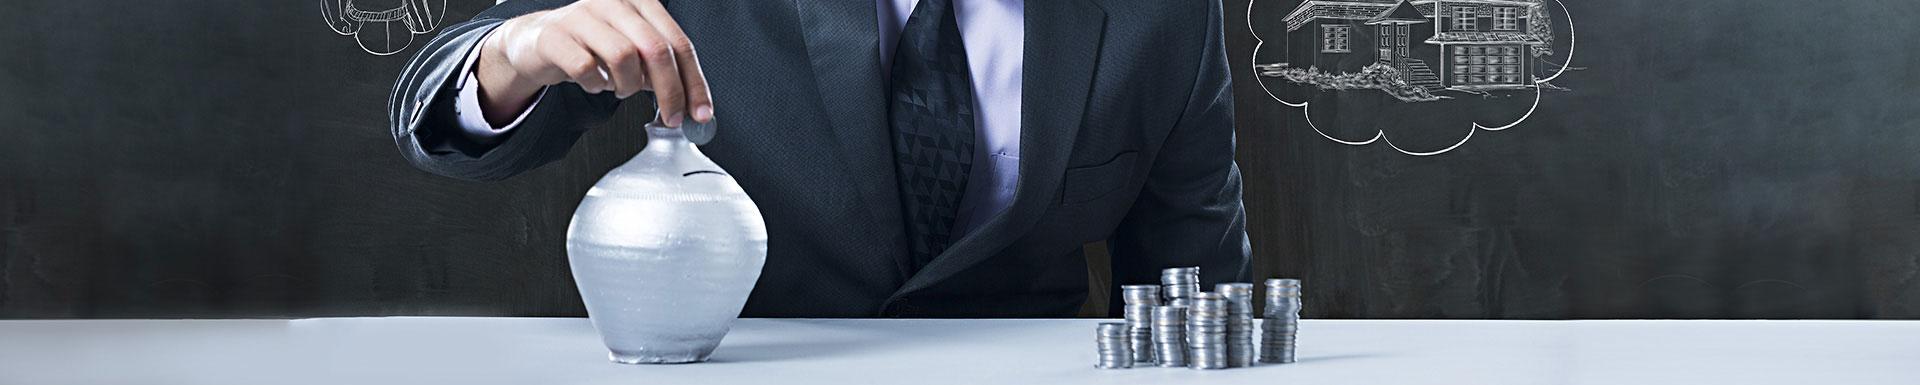 5 ways to maximize savings